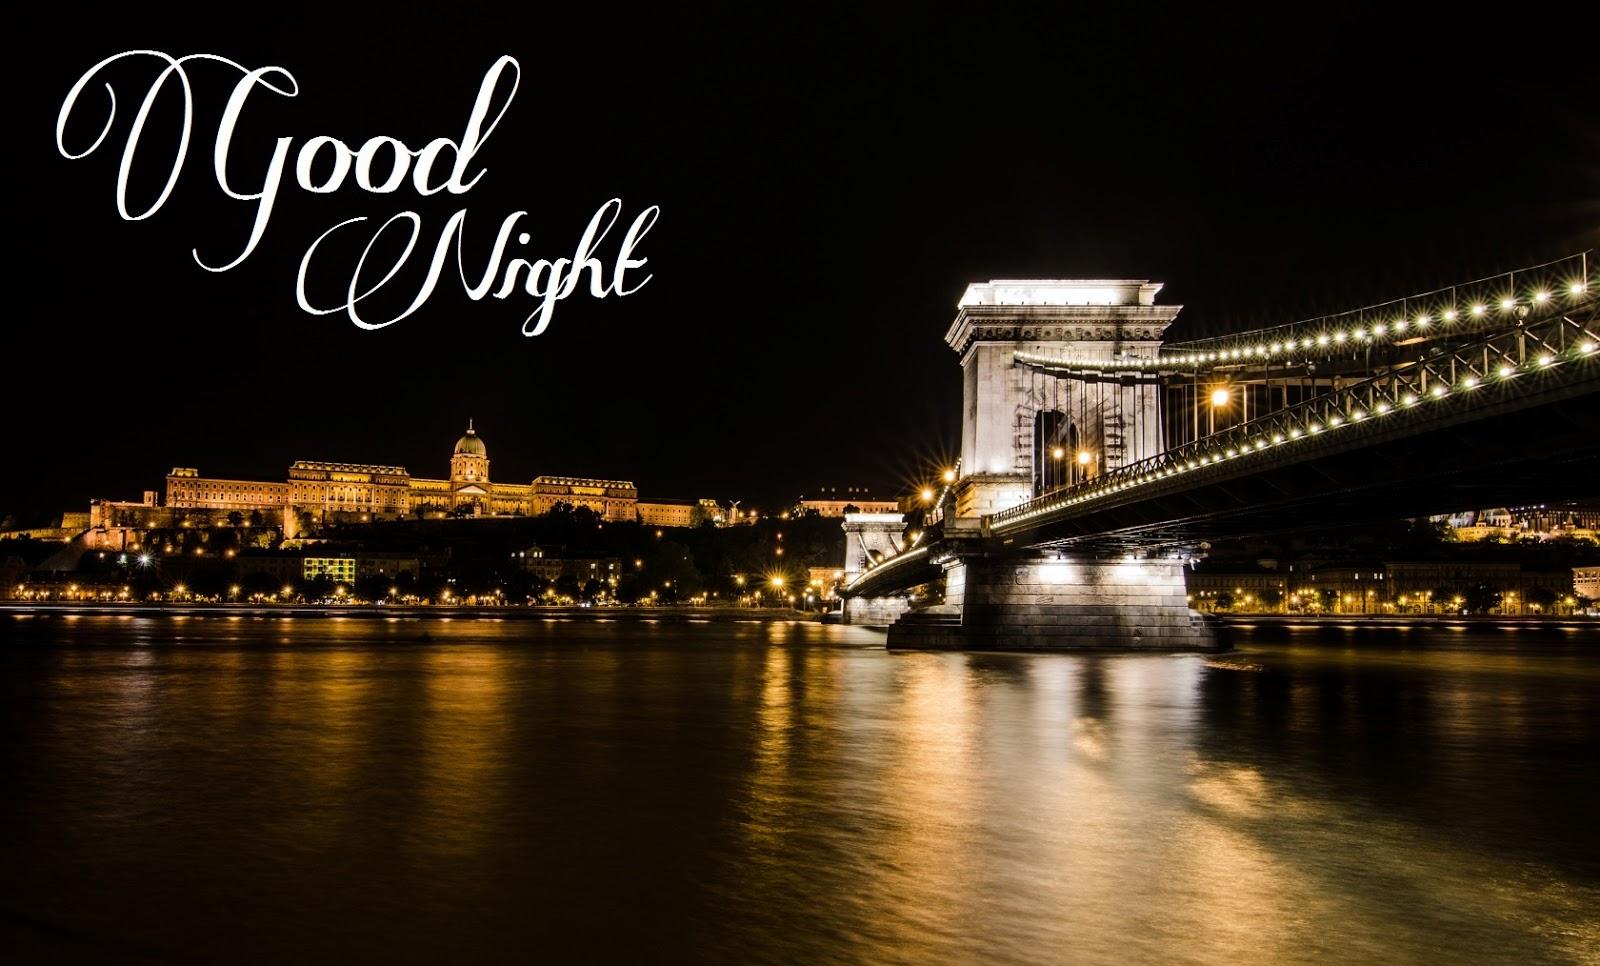 72 Good Night Romantic Wallpaper Hd Download Gratis